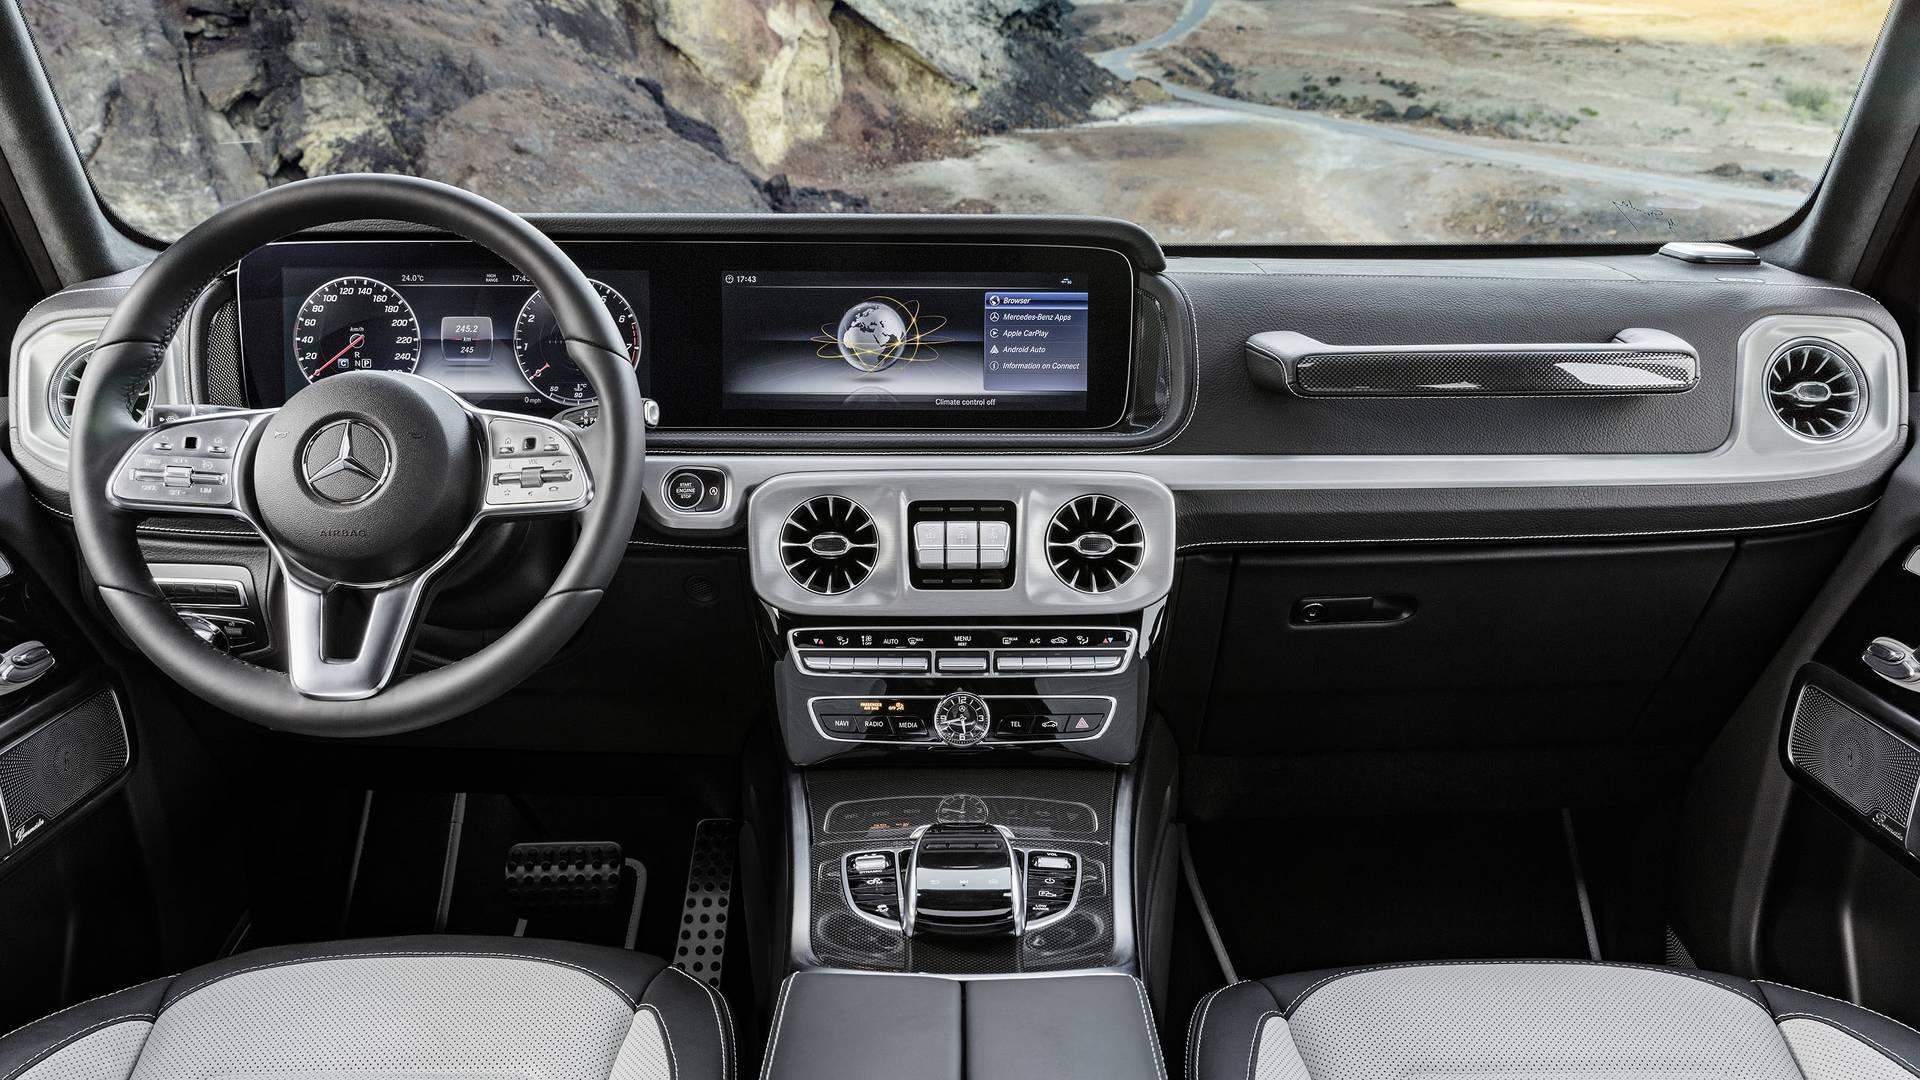 Название: 2019-mercedes-benz-g-class-interior.jpg Просмотров: 291  Размер: 334.0 Кб